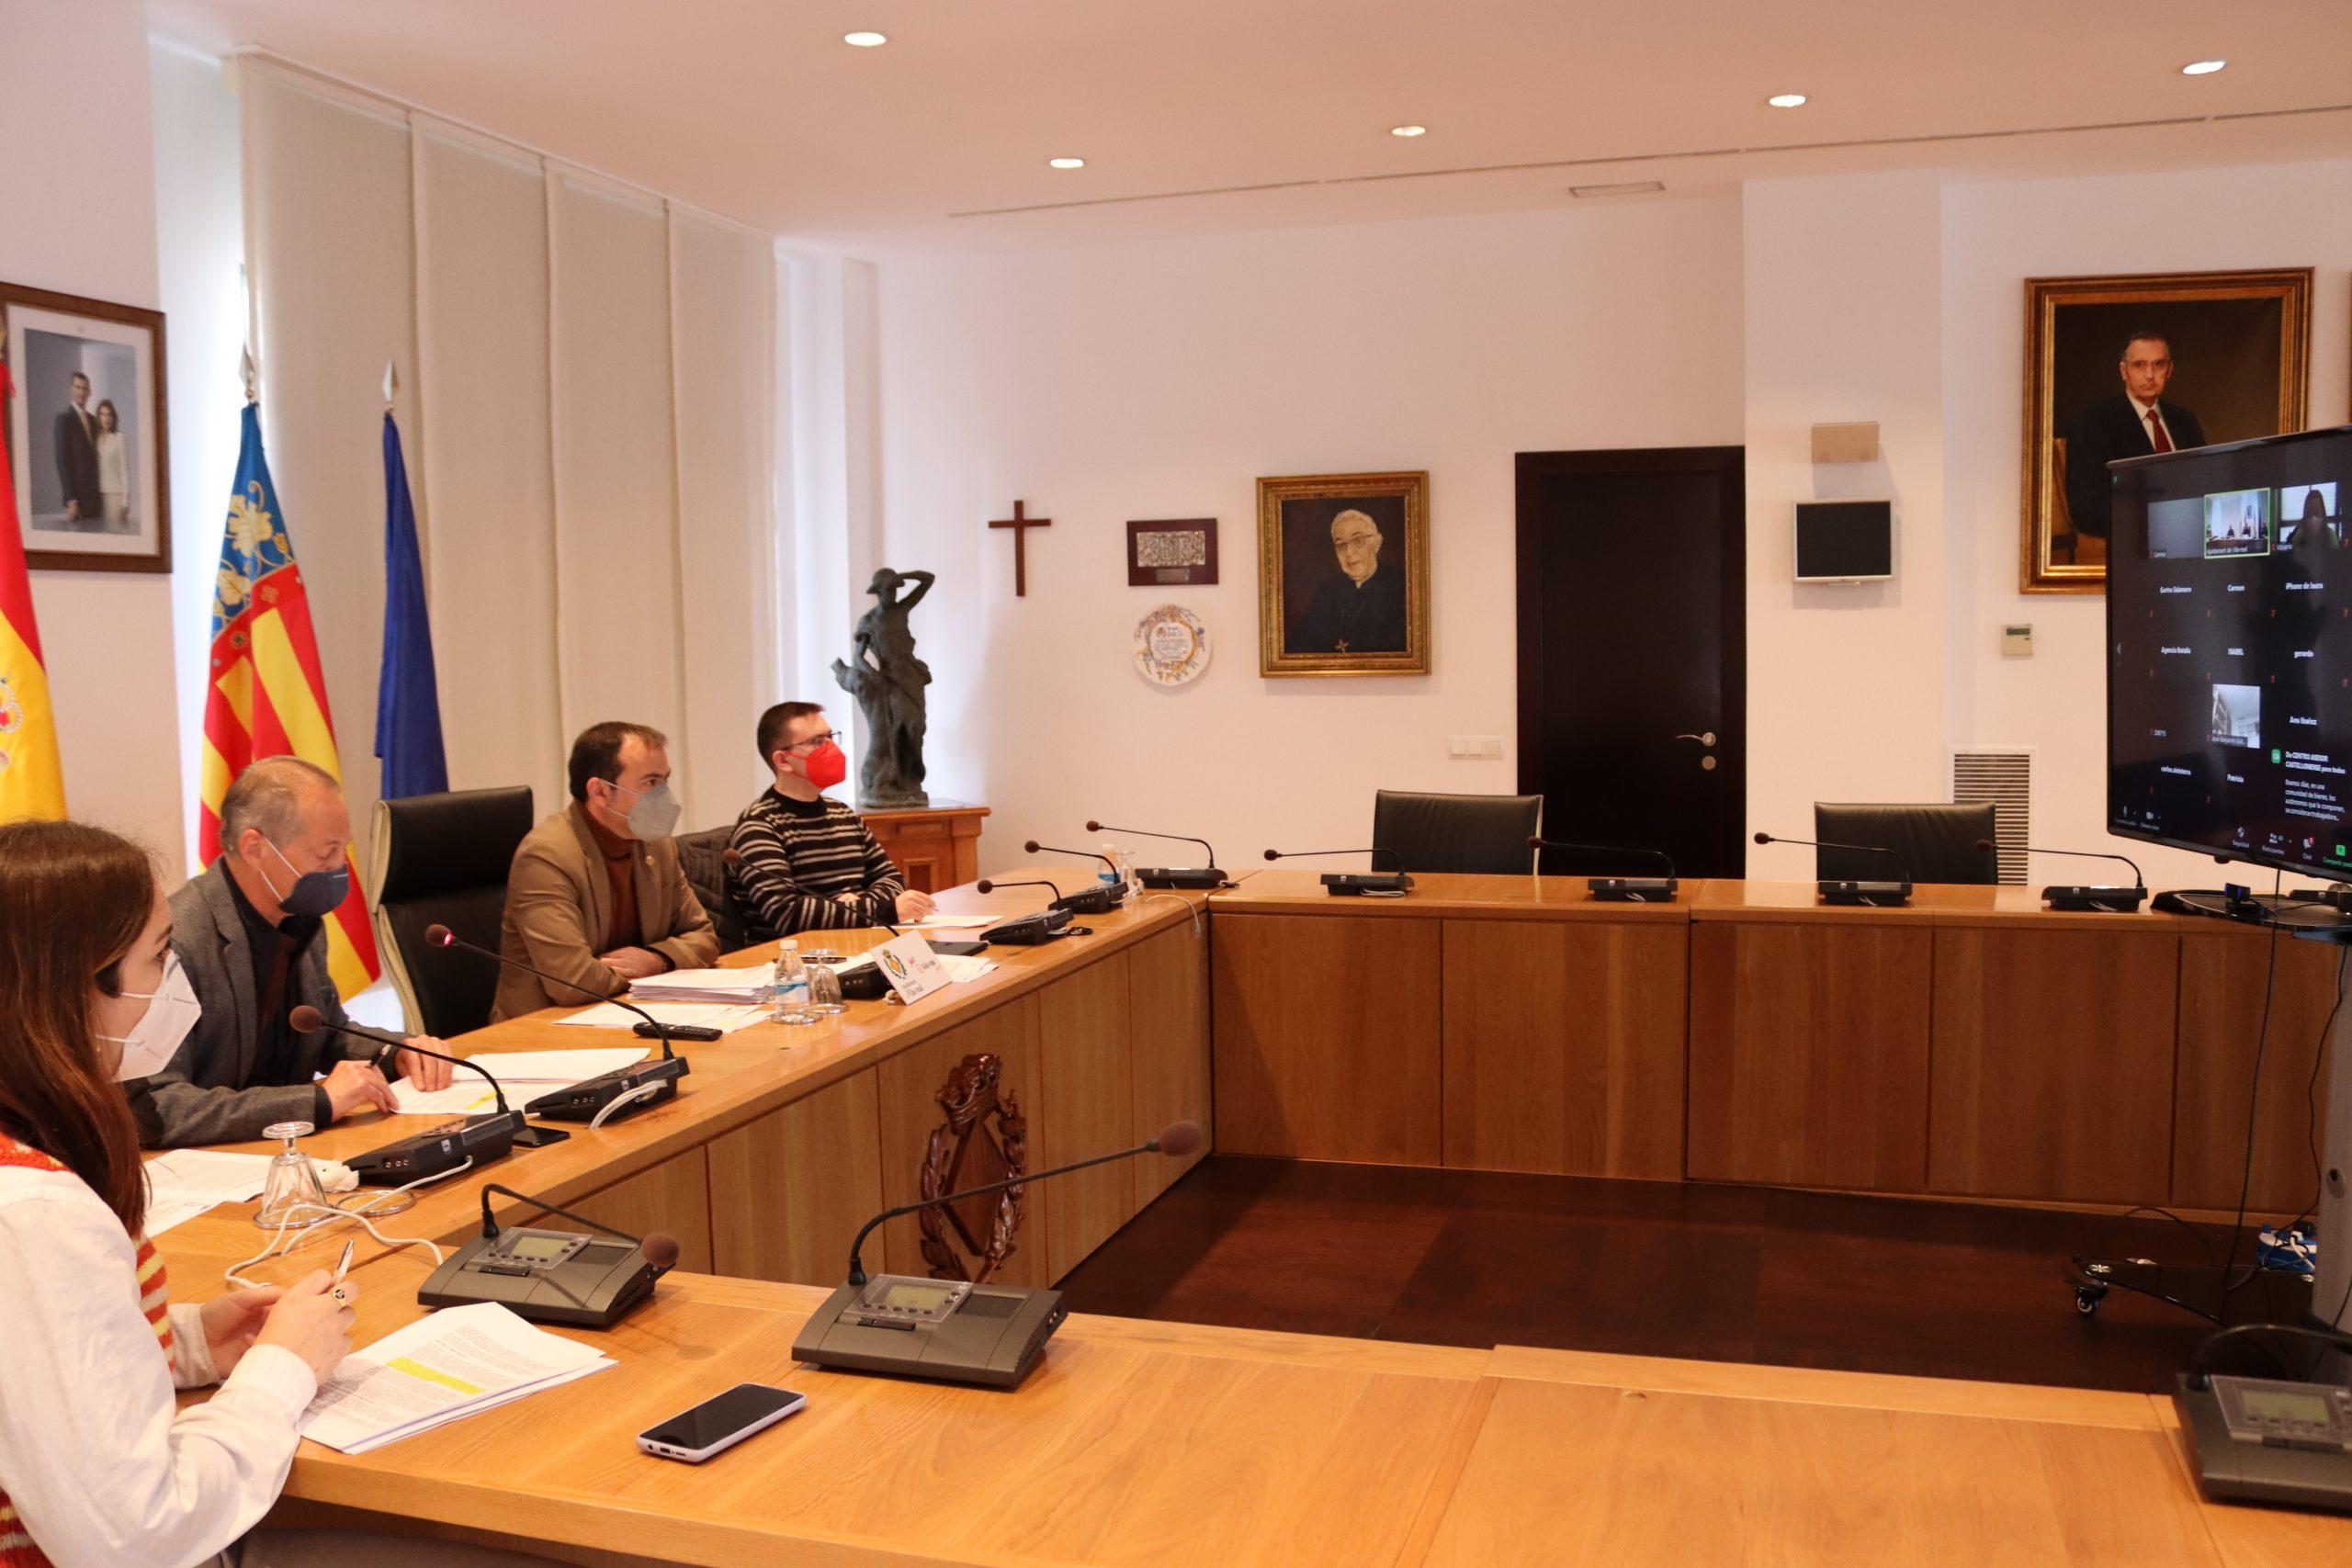 Vila-real consensúa con grupos políticos y gestorías las bases para conceder las ayudas a sectores afectados por la covid-19